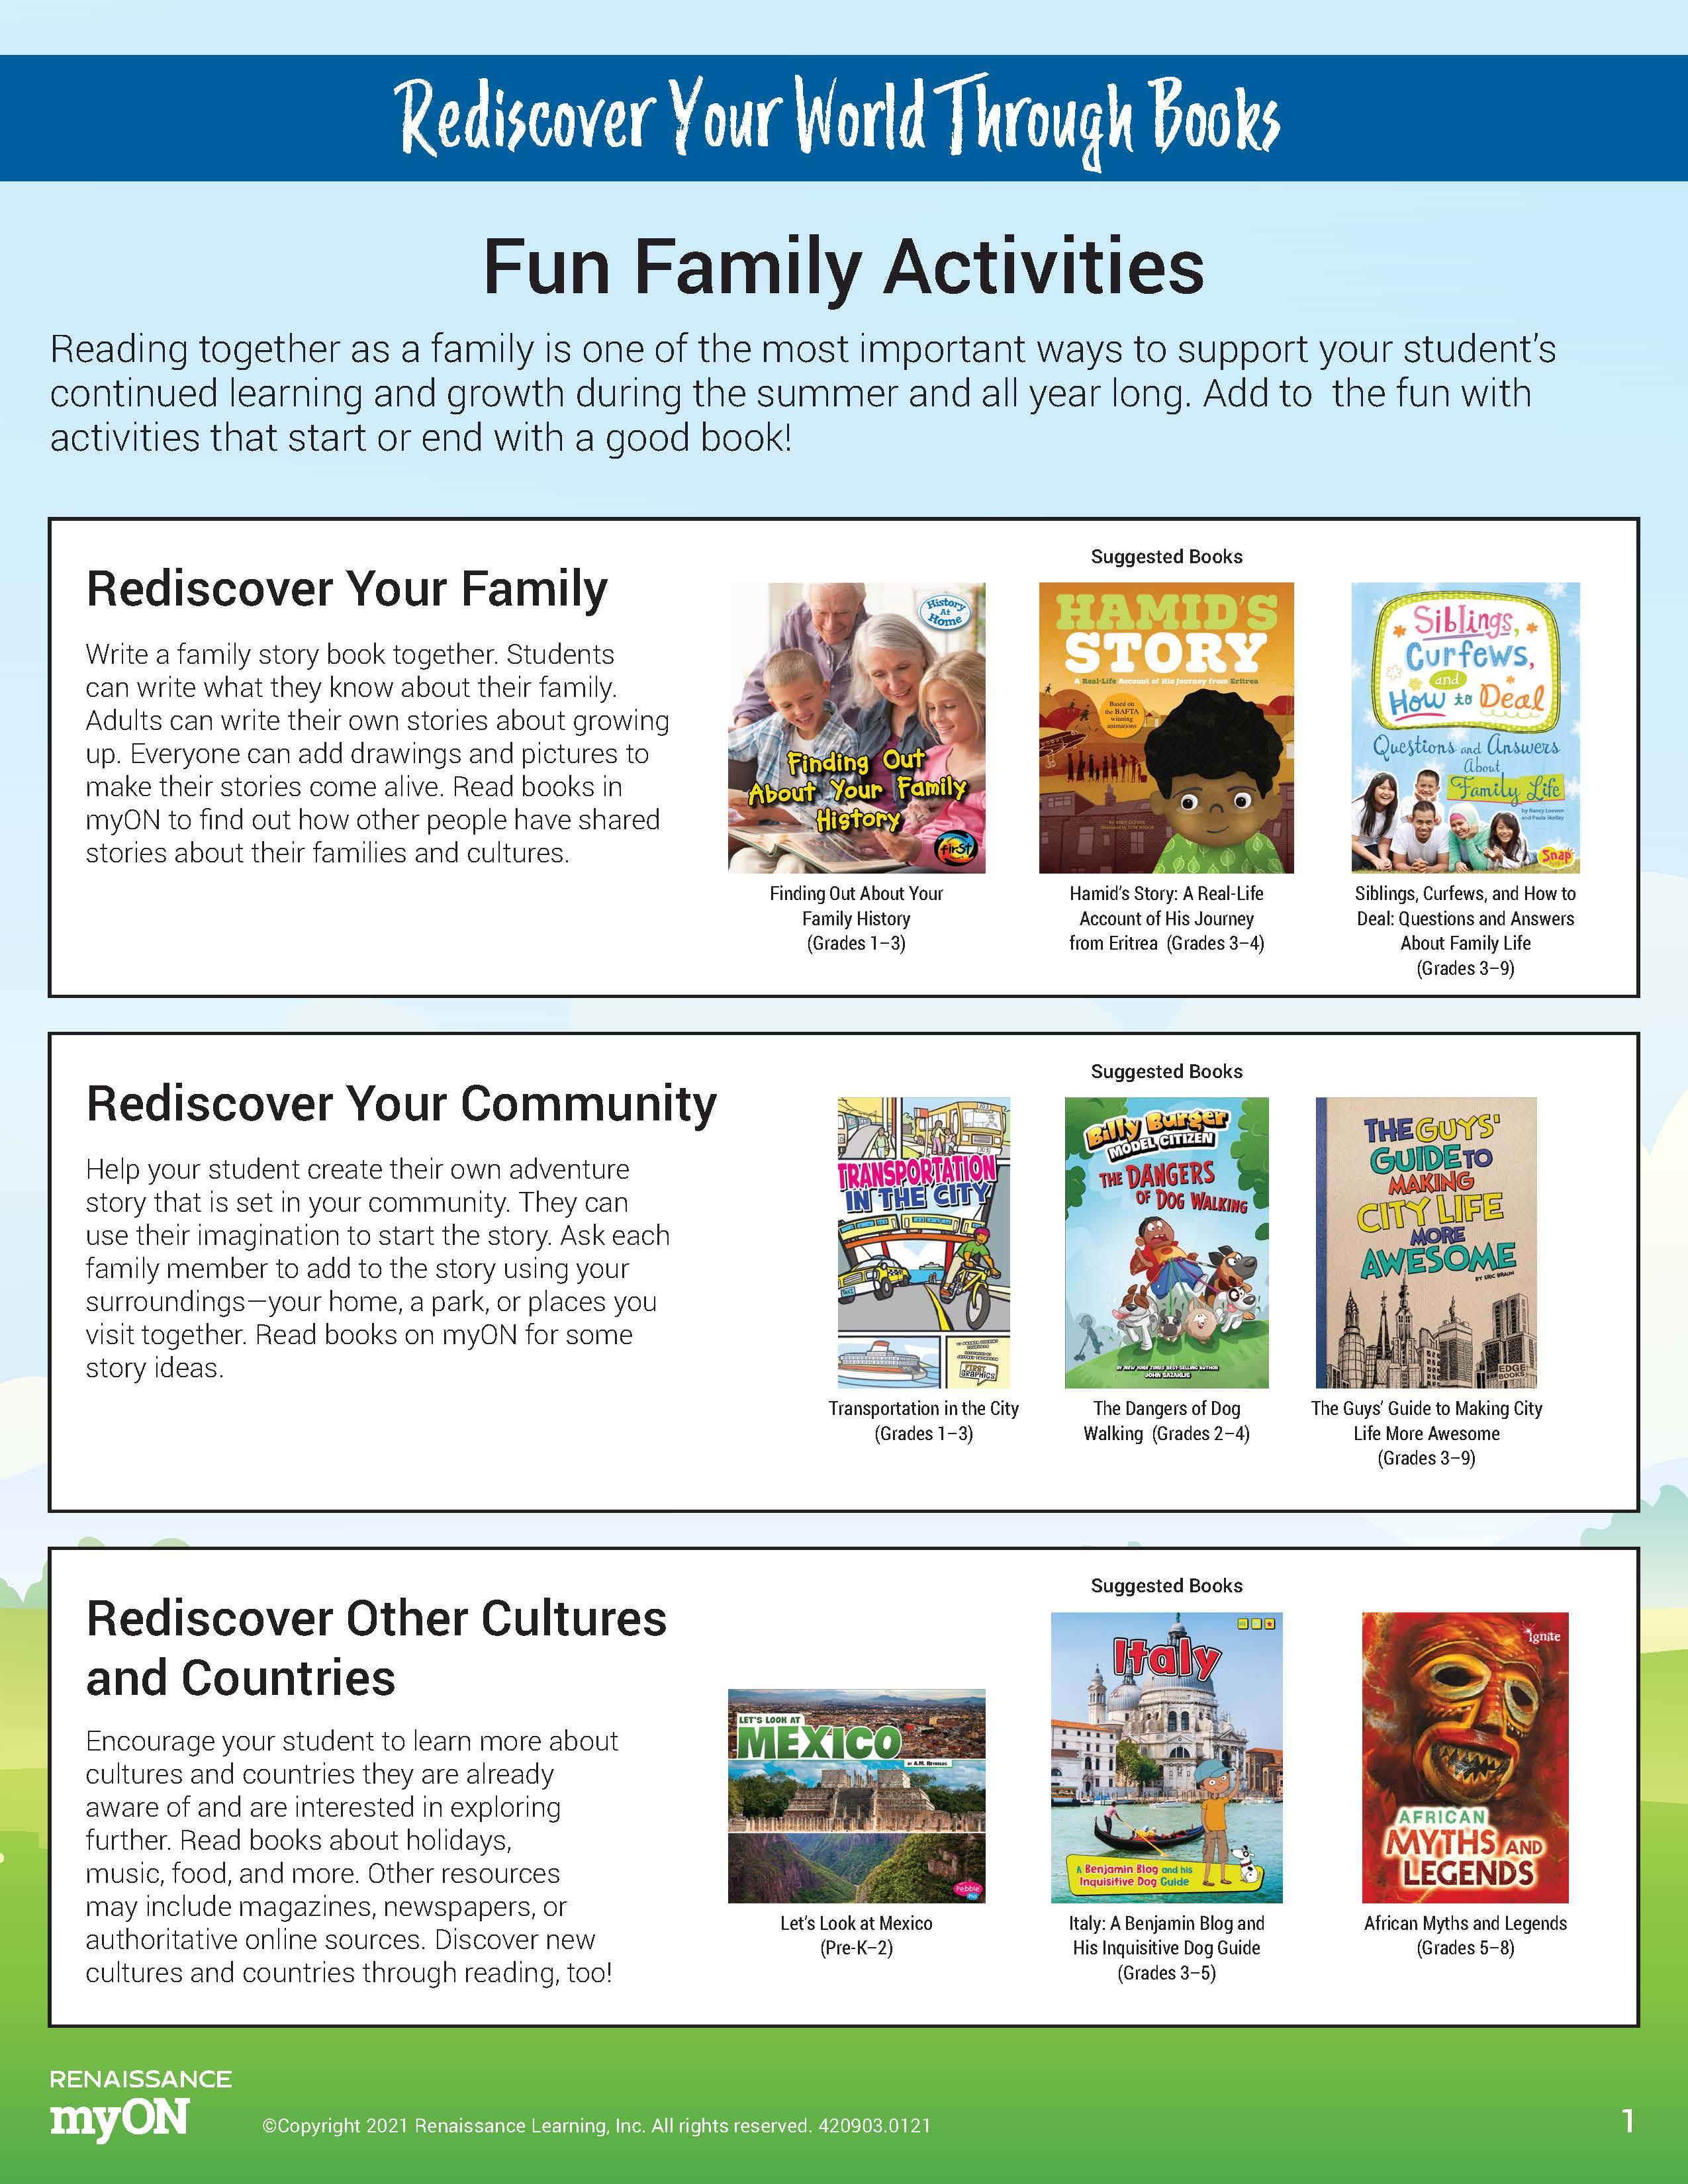 Family Activity 1